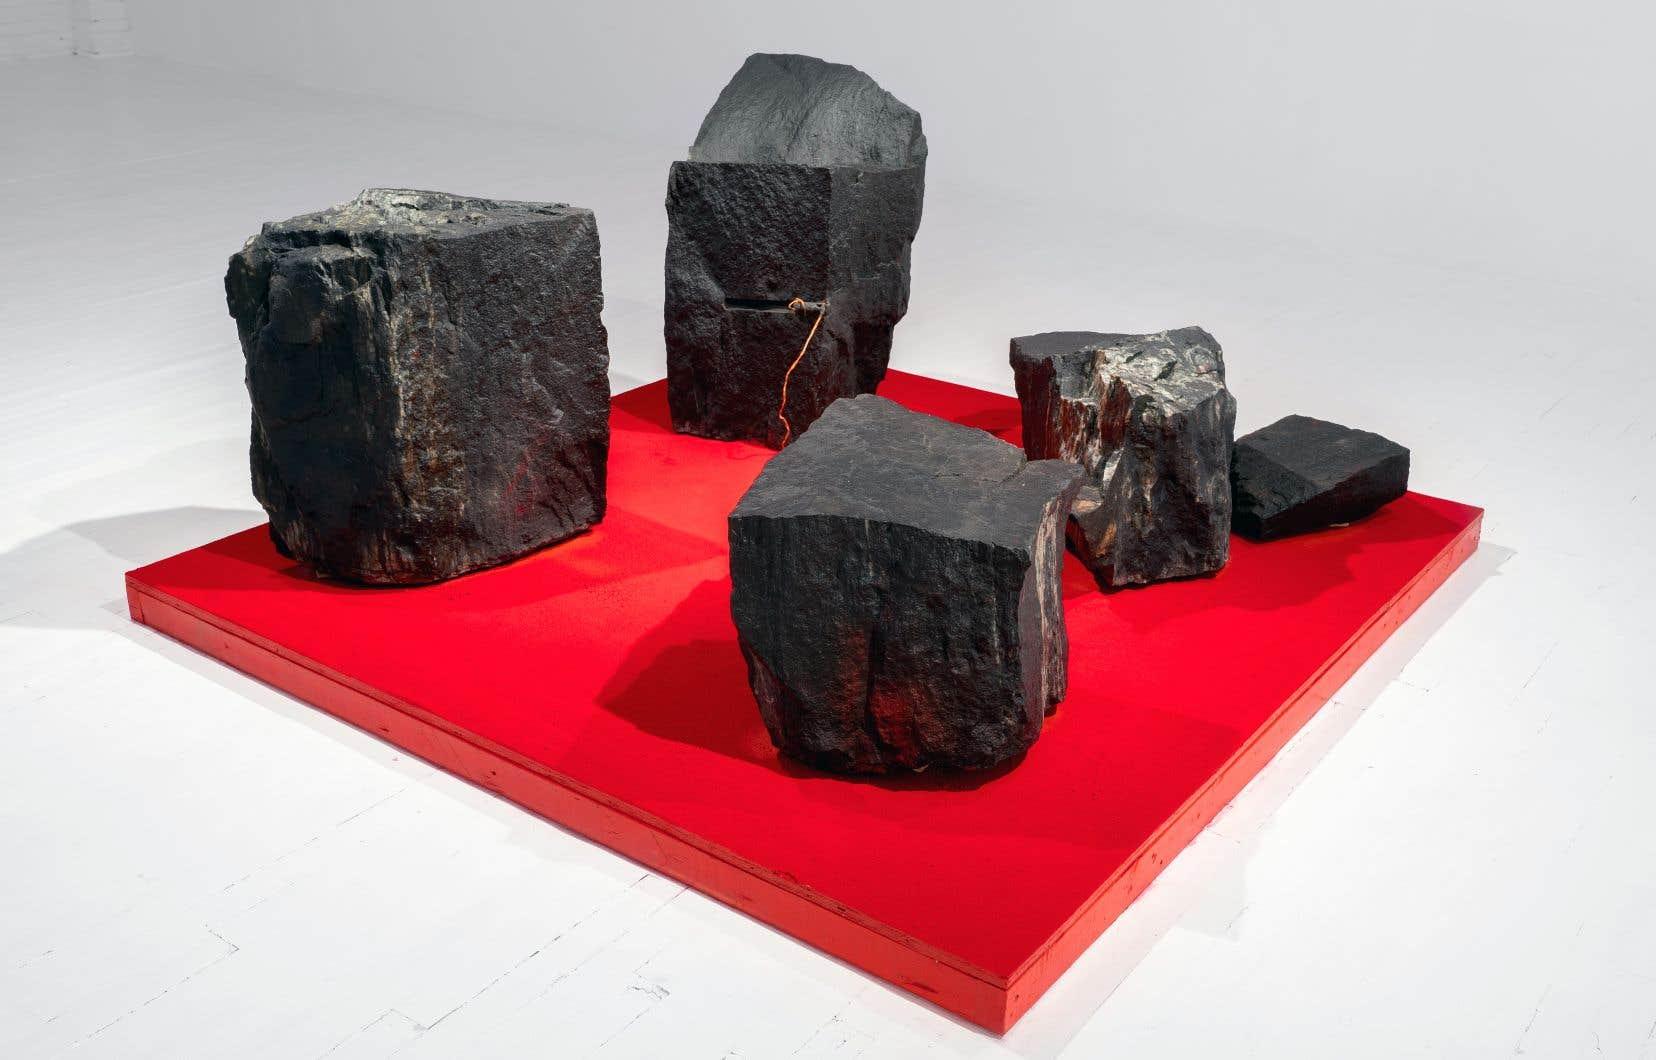 L'oeuvre «Et la pierre irradie le feu. De l'irradiation à l'éclatement» (2015), d'André Fournelle